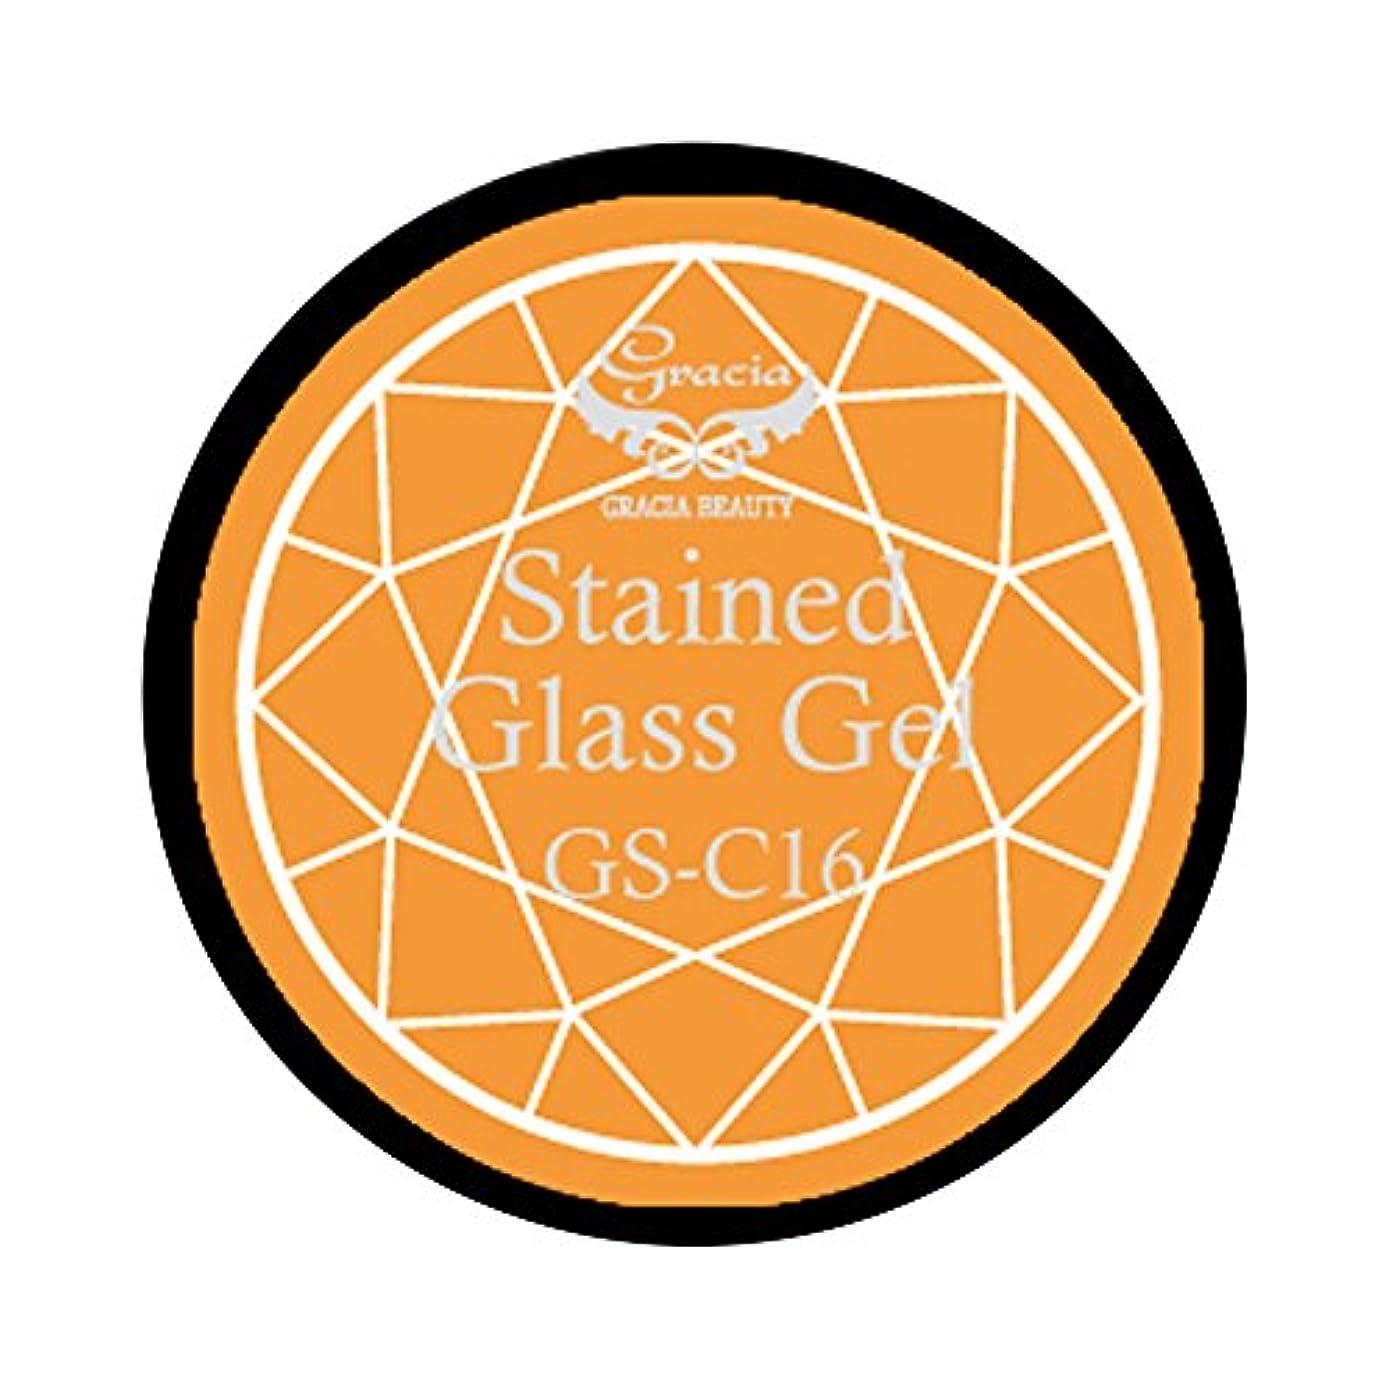 好きスーツケース後者グラシア ジェルネイル ステンドグラスジェル GSM-C16 3g  クリア UV/LED対応 カラージェル ソークオフジェル ガラスのような透明感